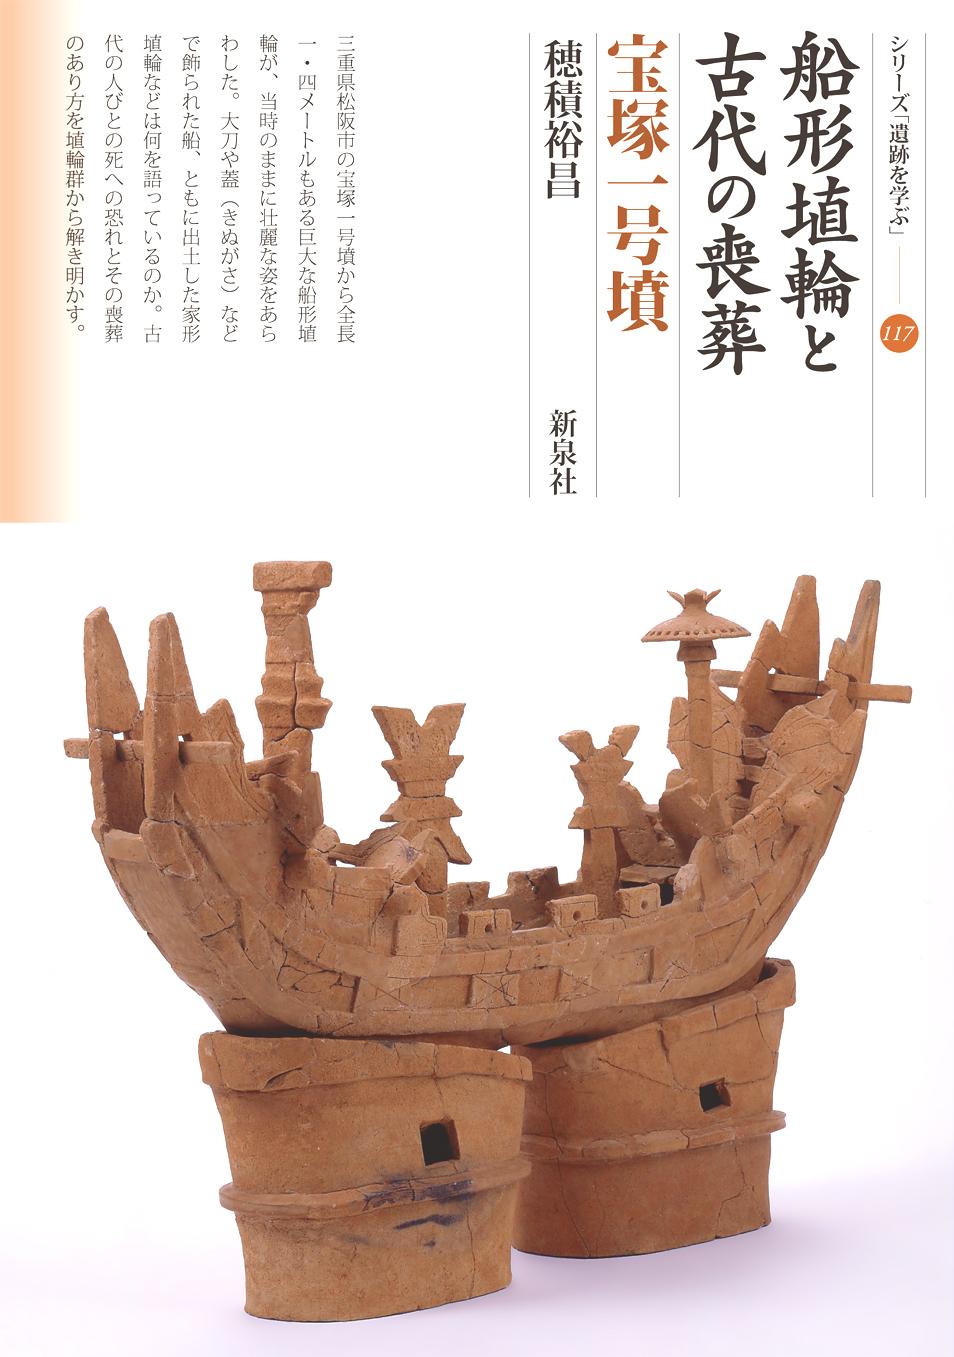 船形埴輪と古代の喪葬・宝塚1号墳